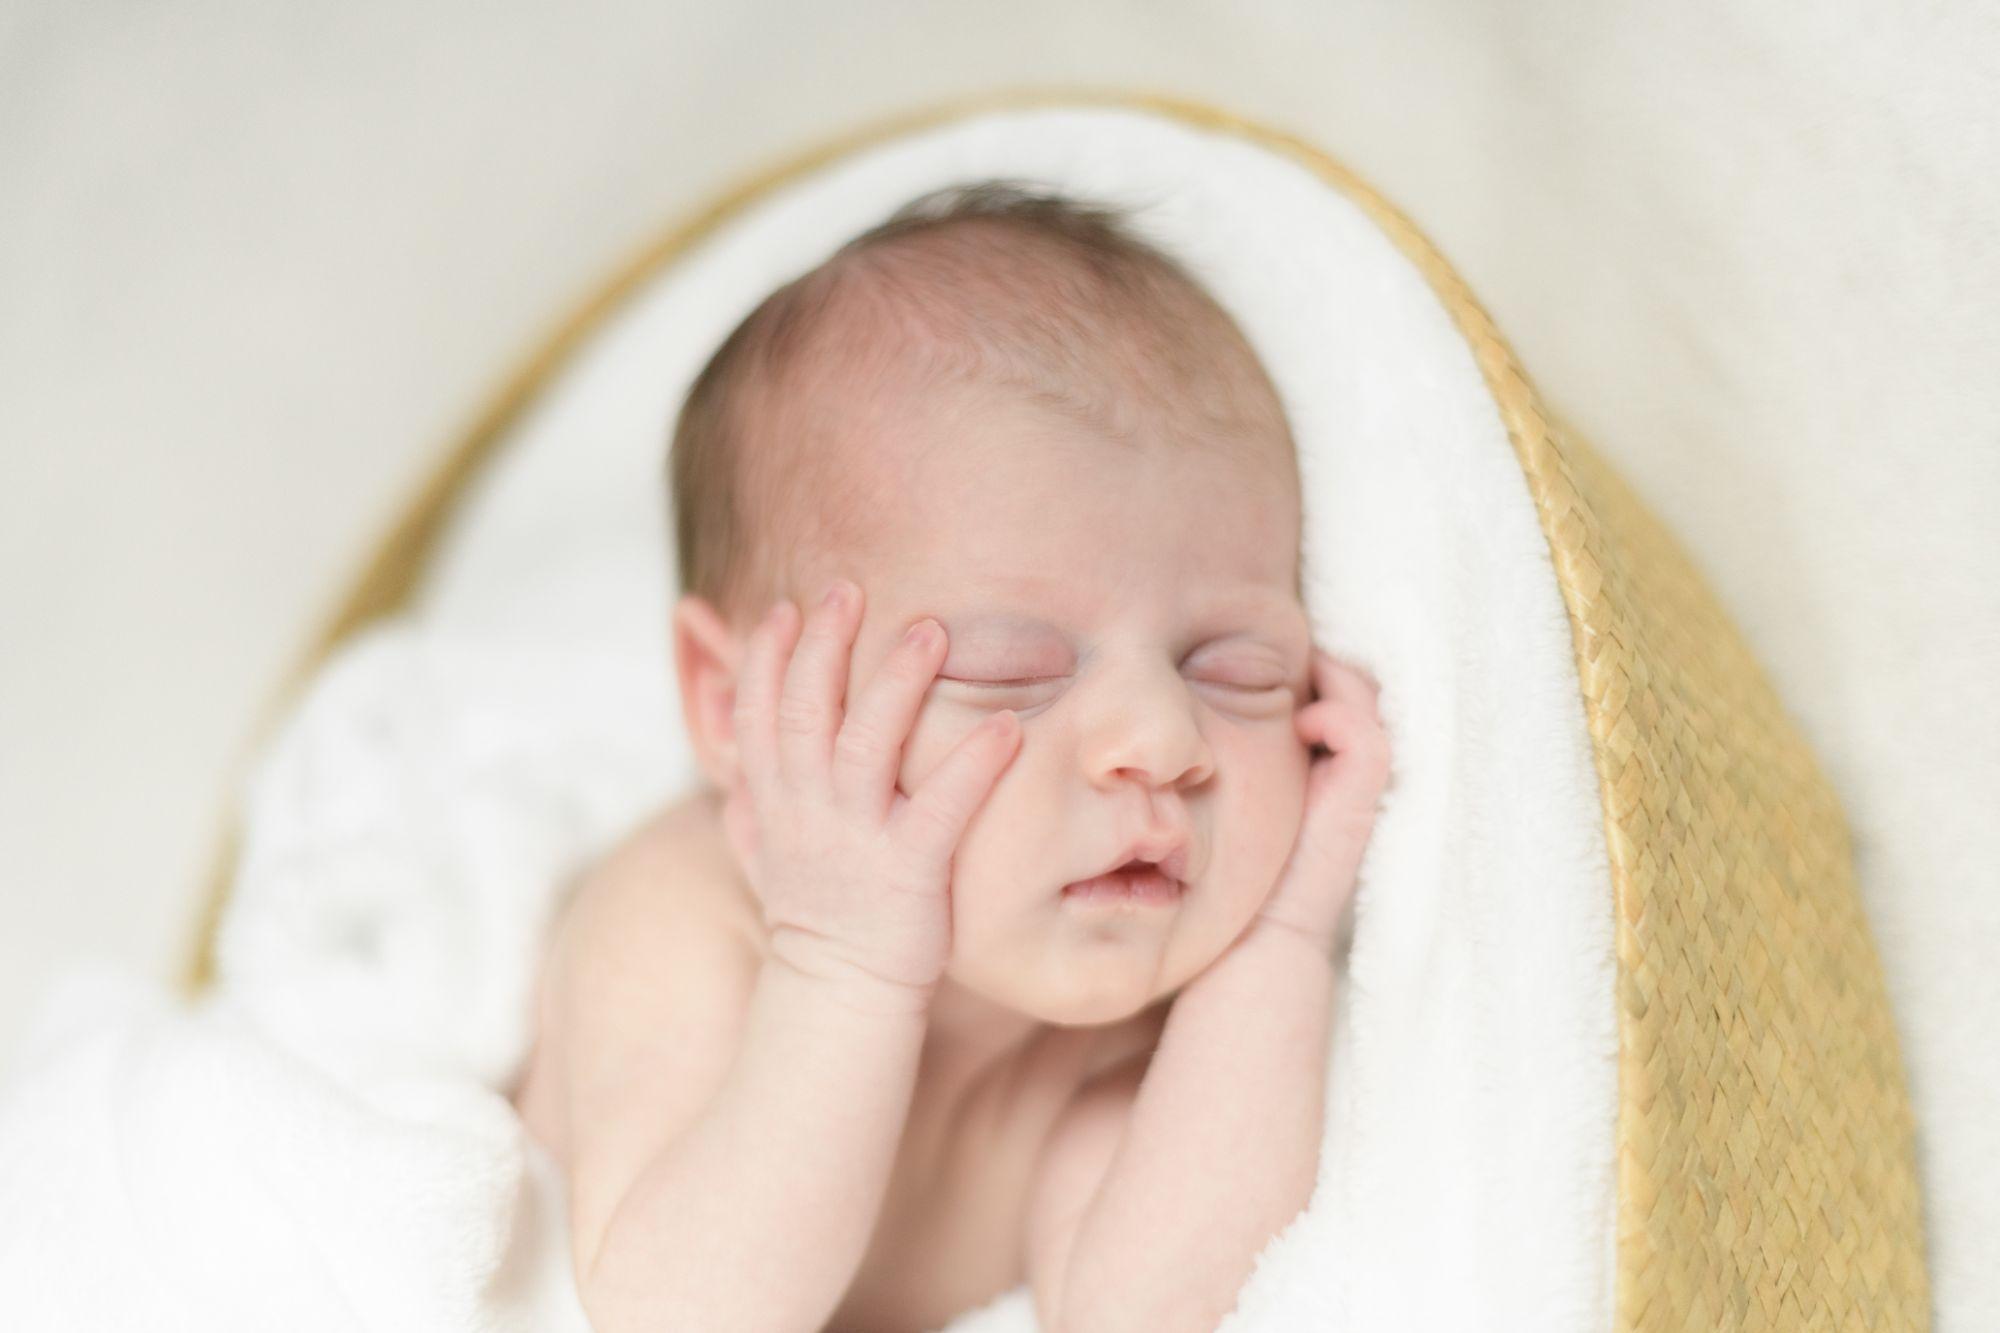 priscillapuzenat-photographe-portrait-naissance-bebe-auxerre-yonne-bourgogne-france